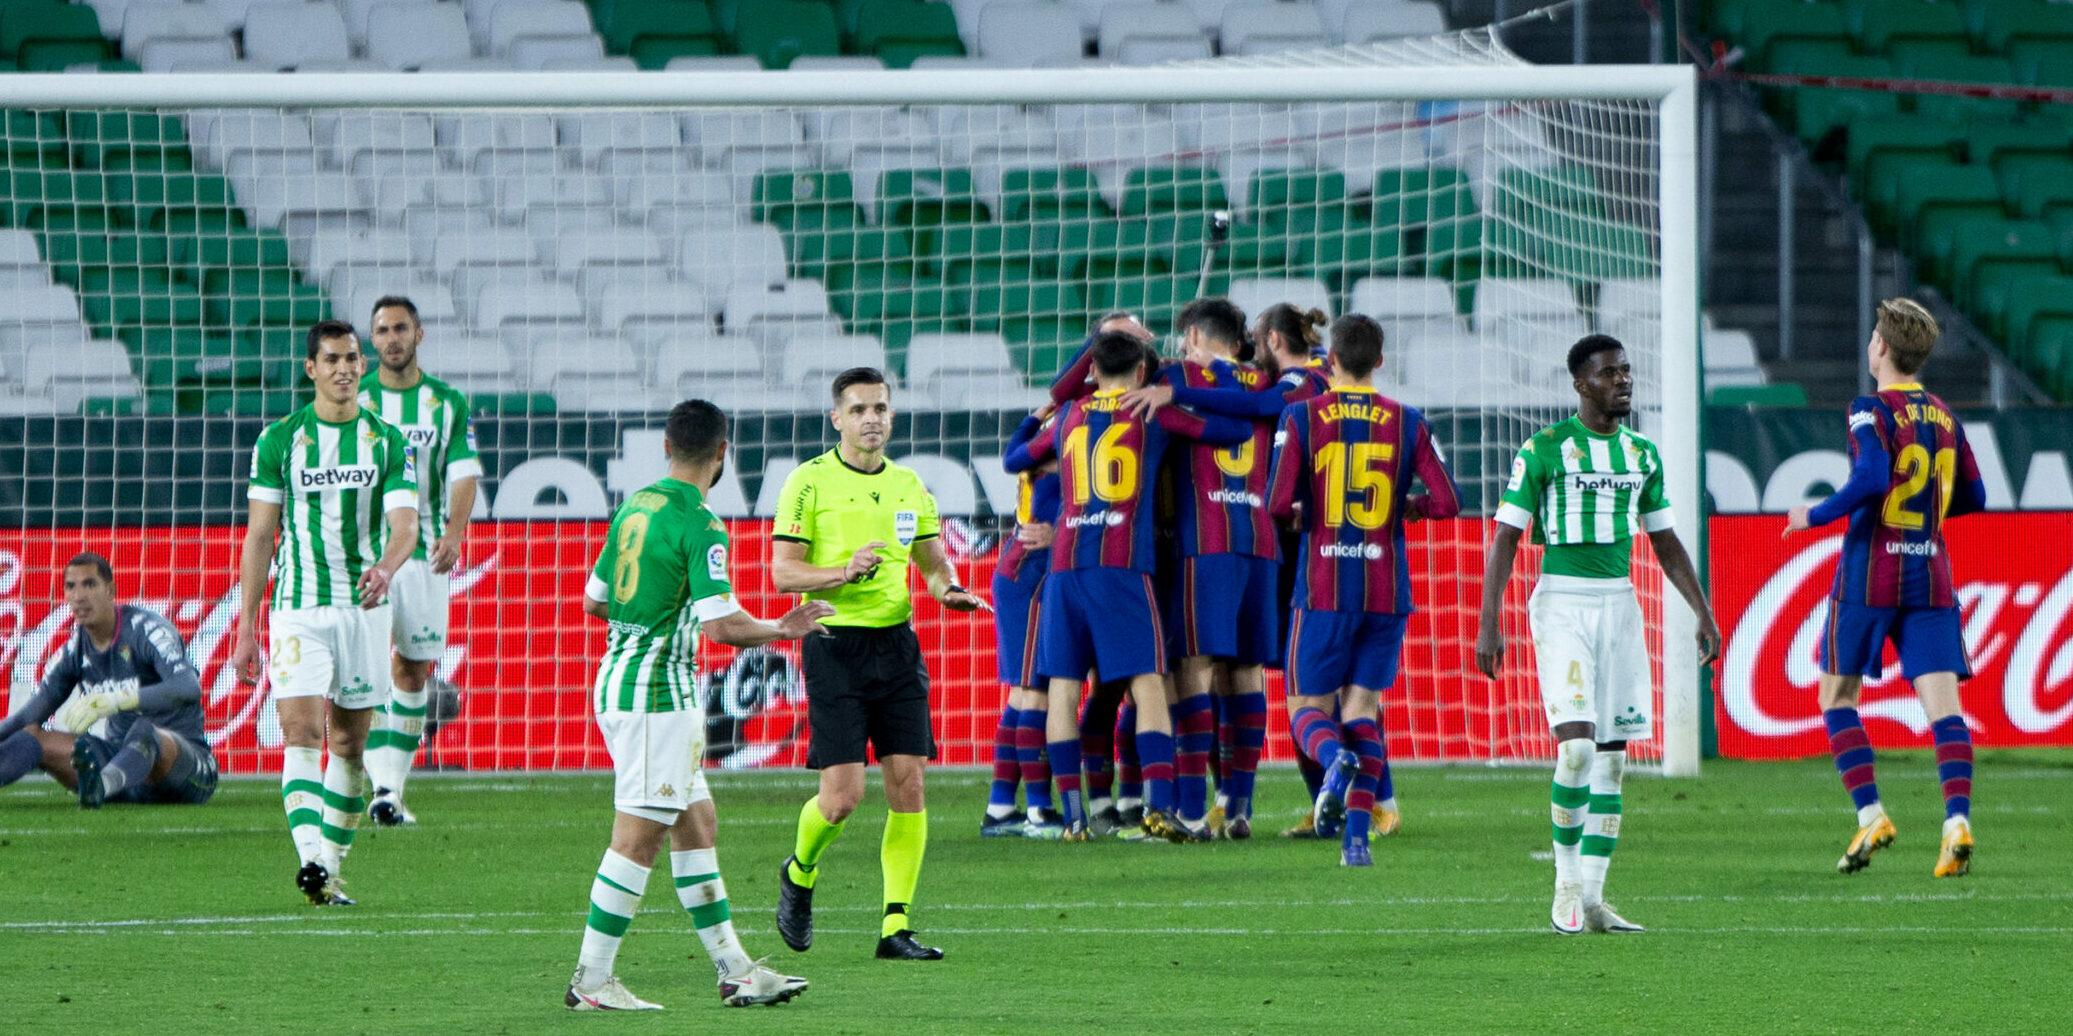 Els jugadors del Barça celebren un gol | Europa